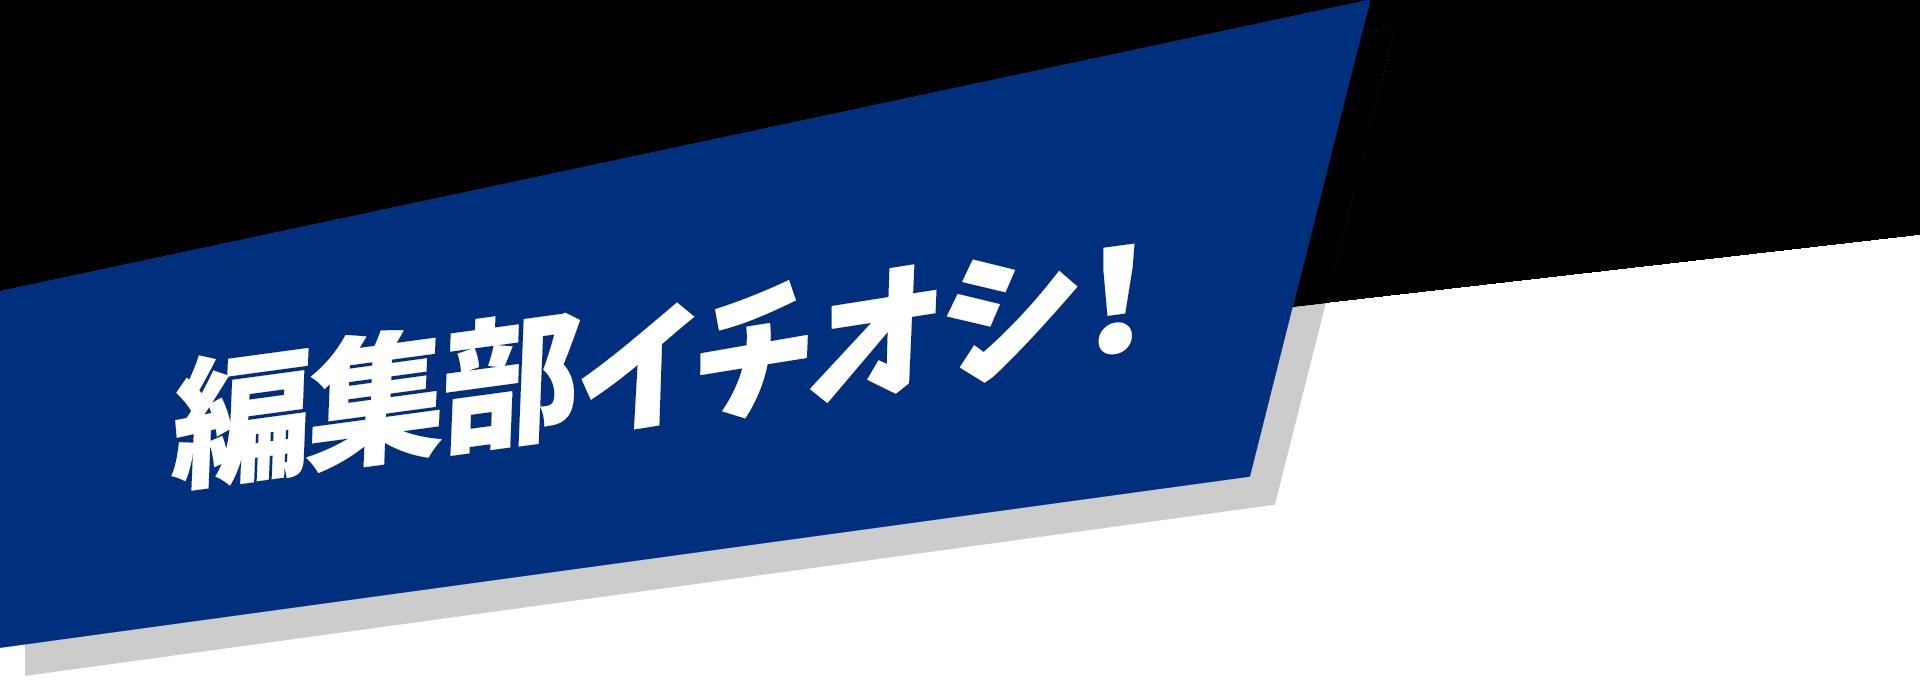 編集部イチオシ!